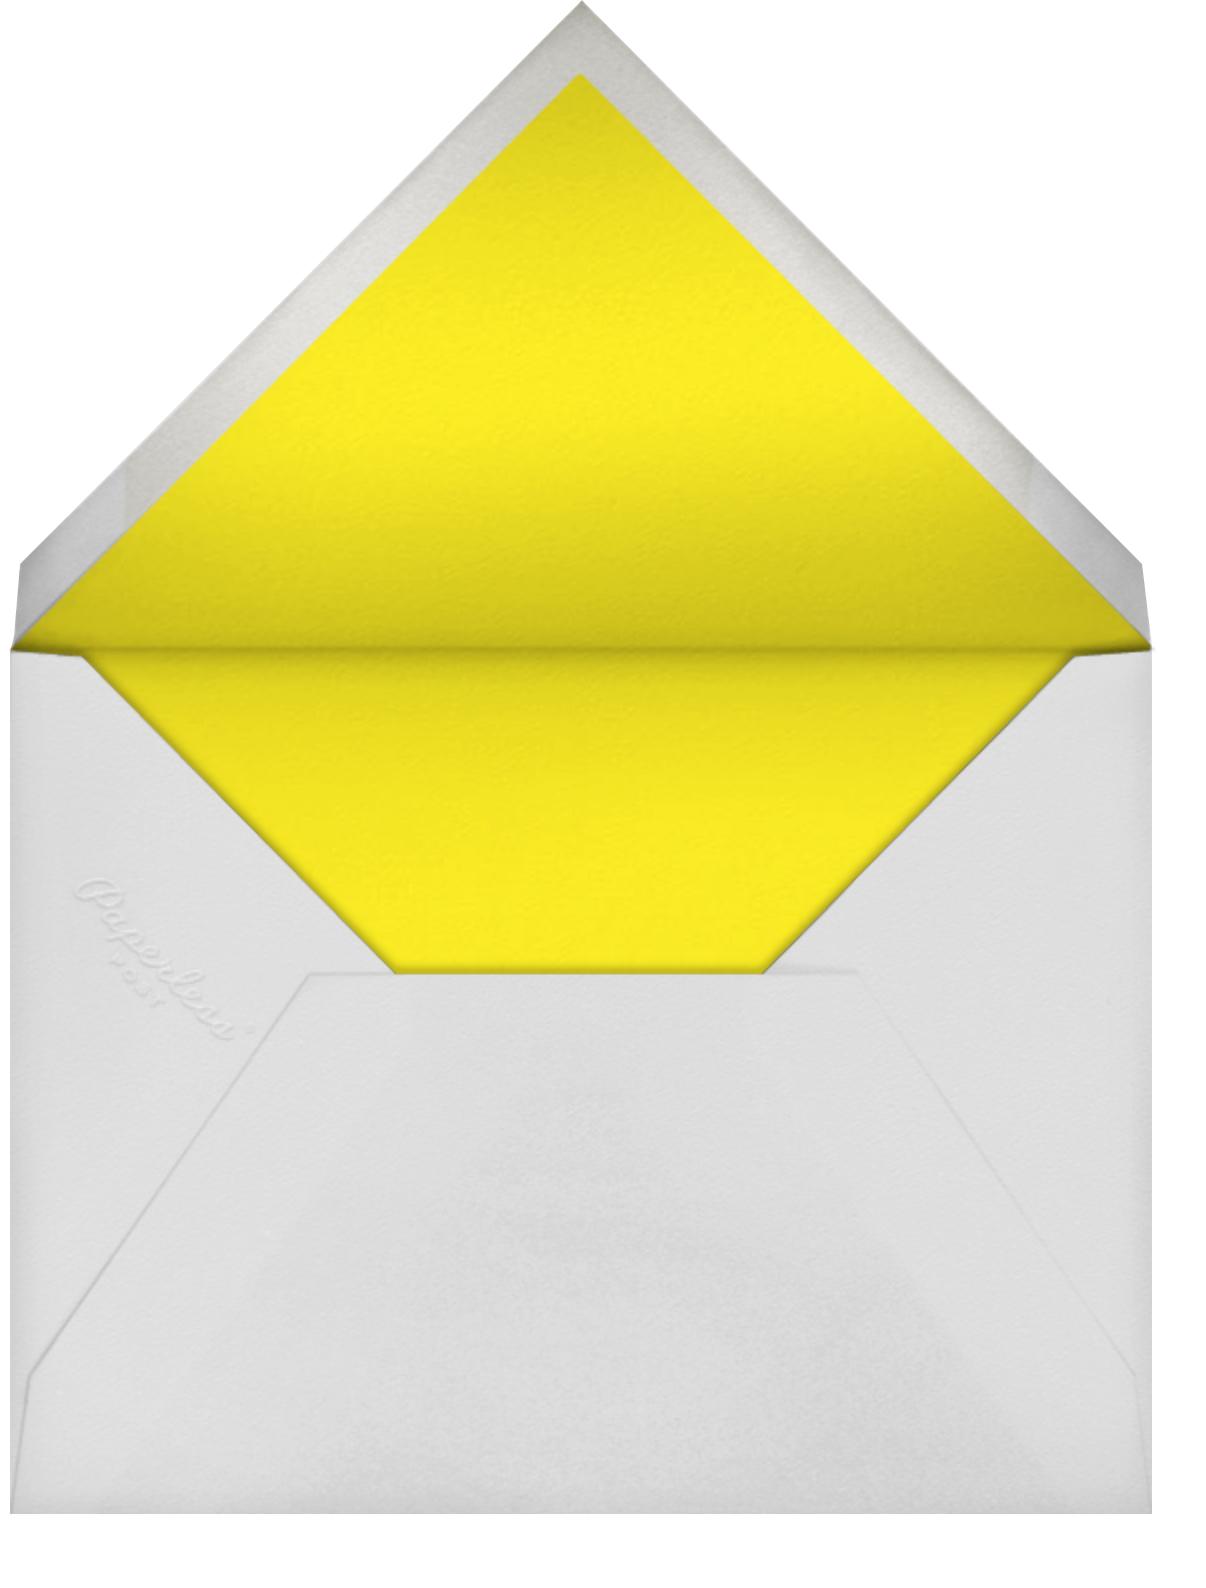 Paratiisi (Square) - Green - Marimekko - Envelope